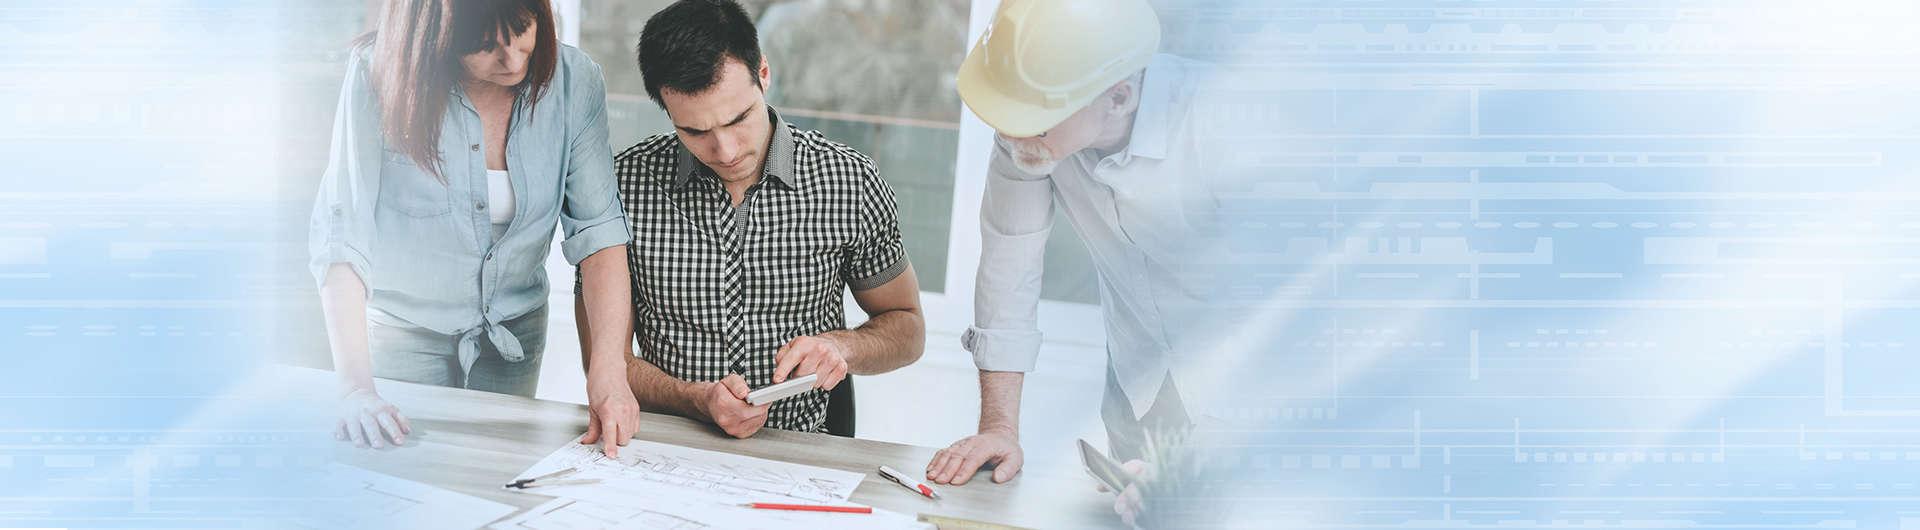 Berufshaftpflicht Architekten